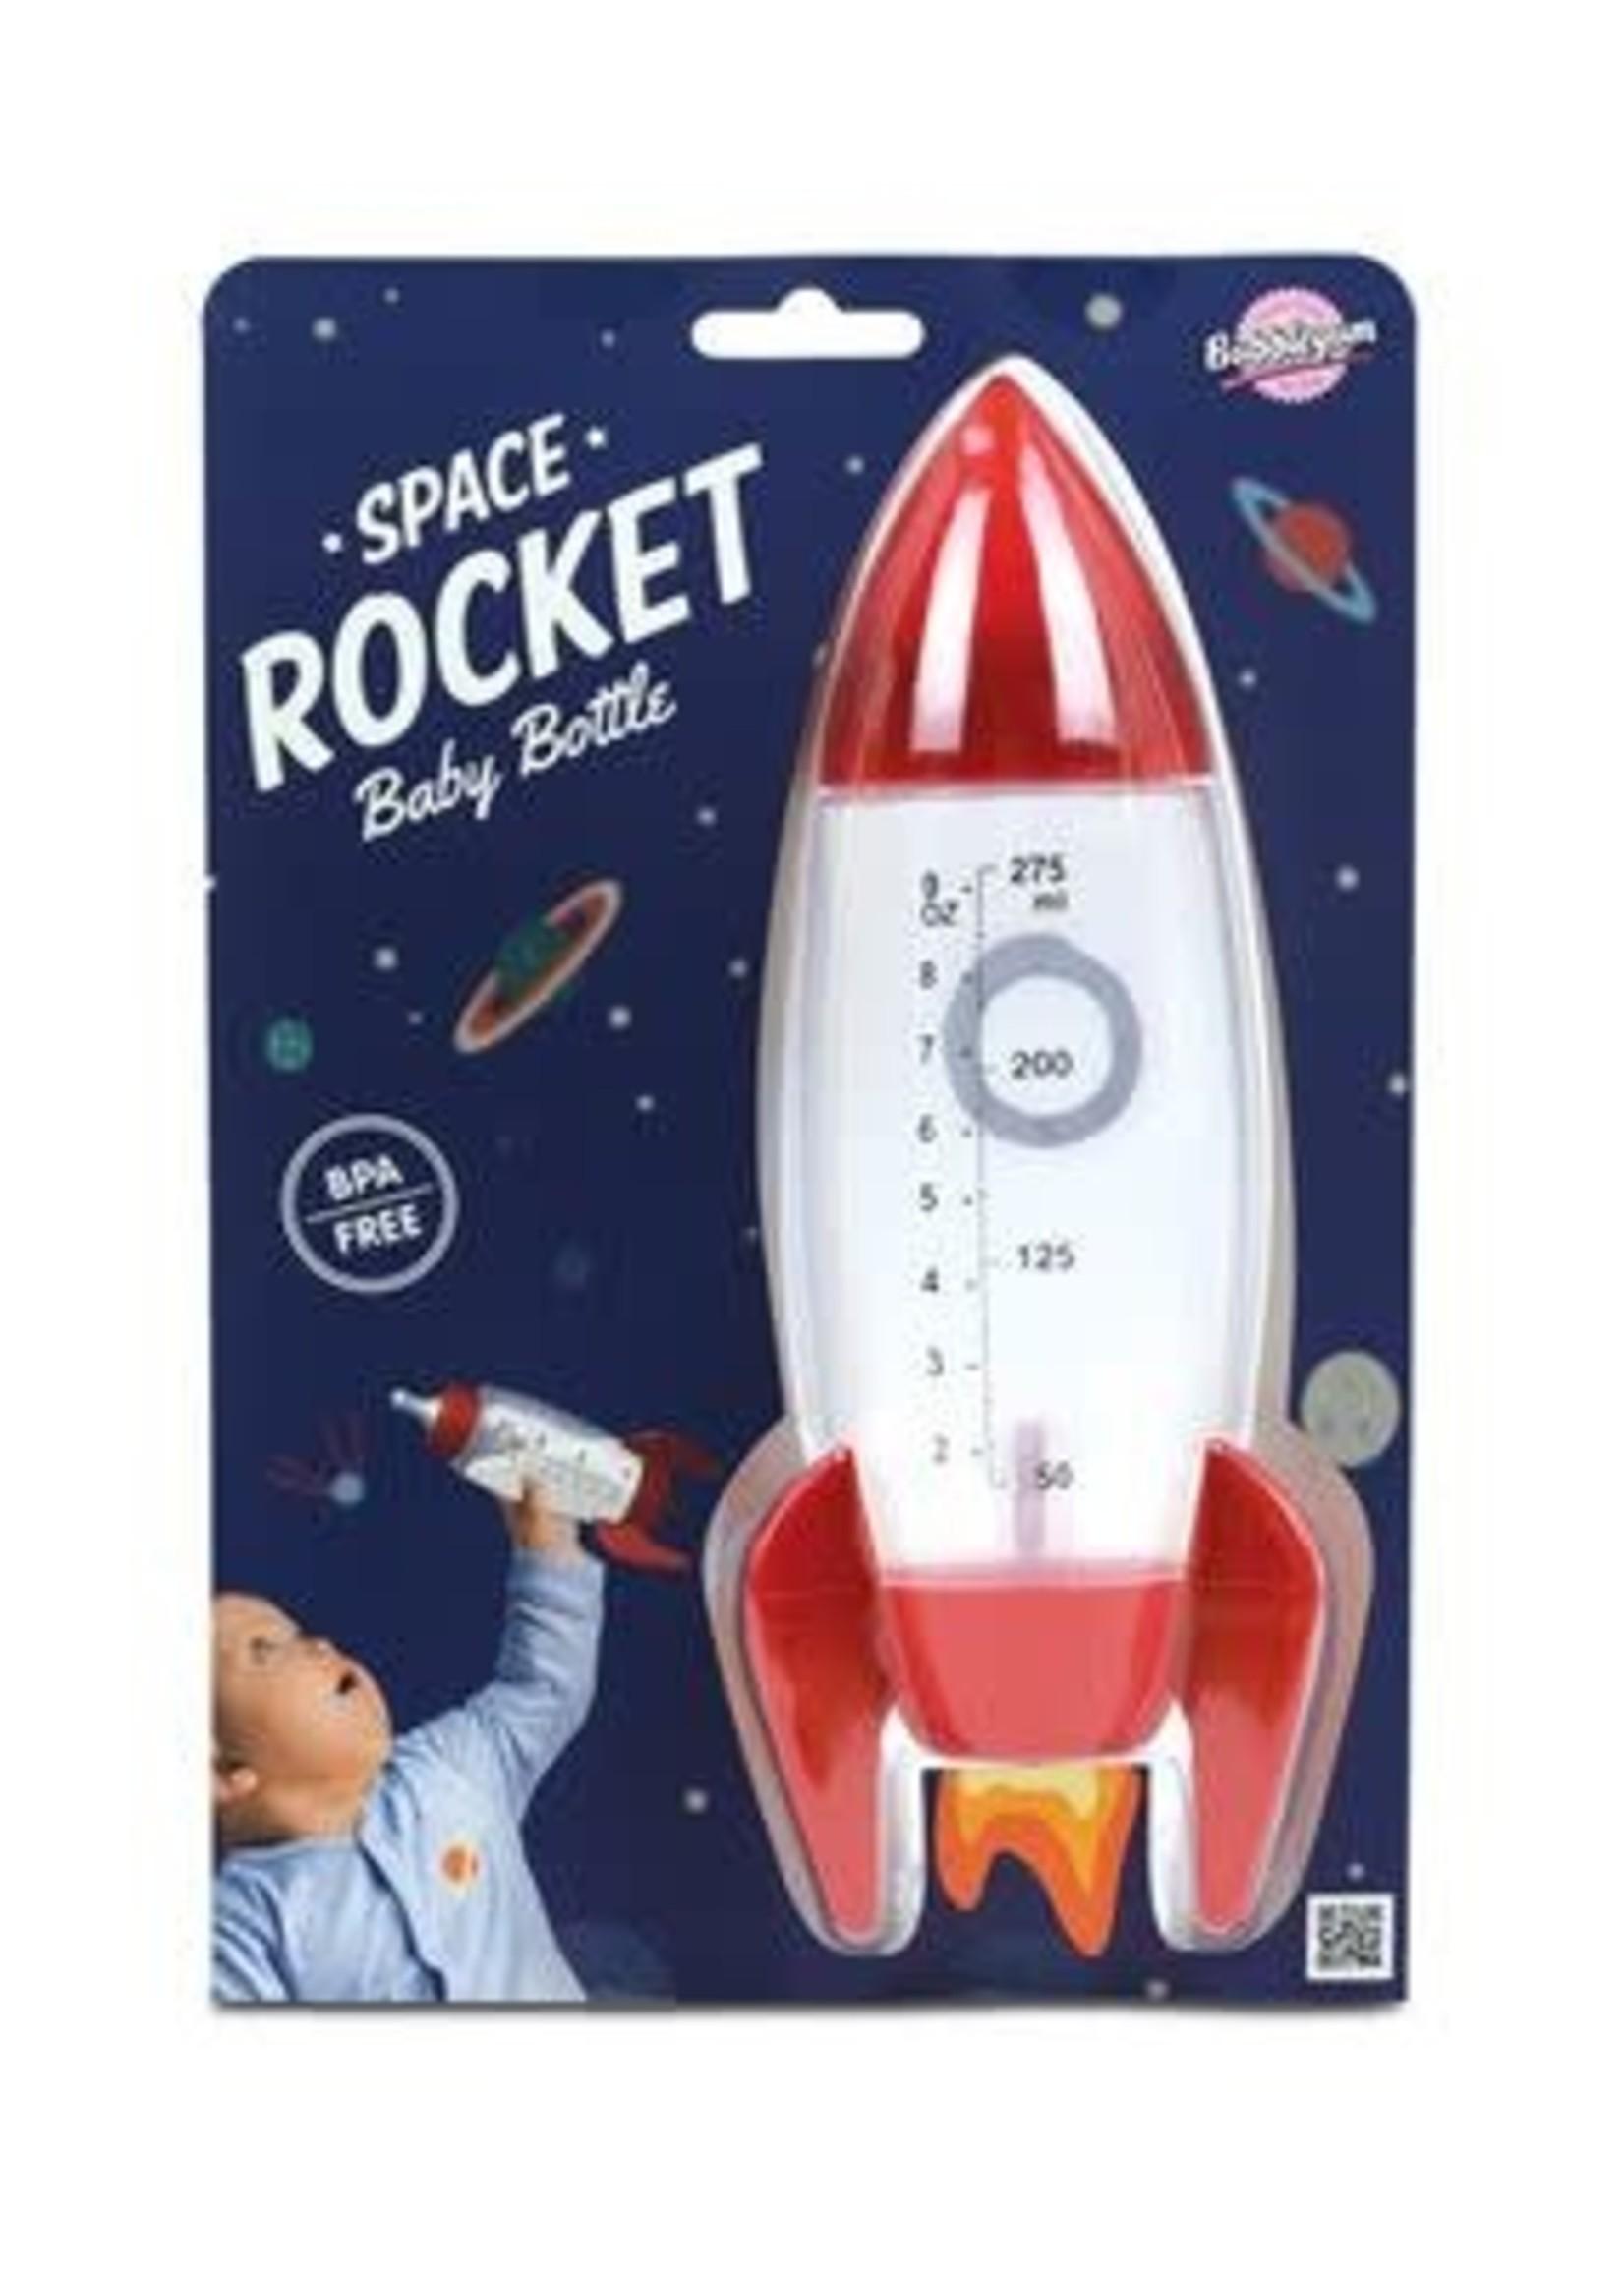 BUBBLEGUM STUFF SPACE ROCKET BABY BOTTLE